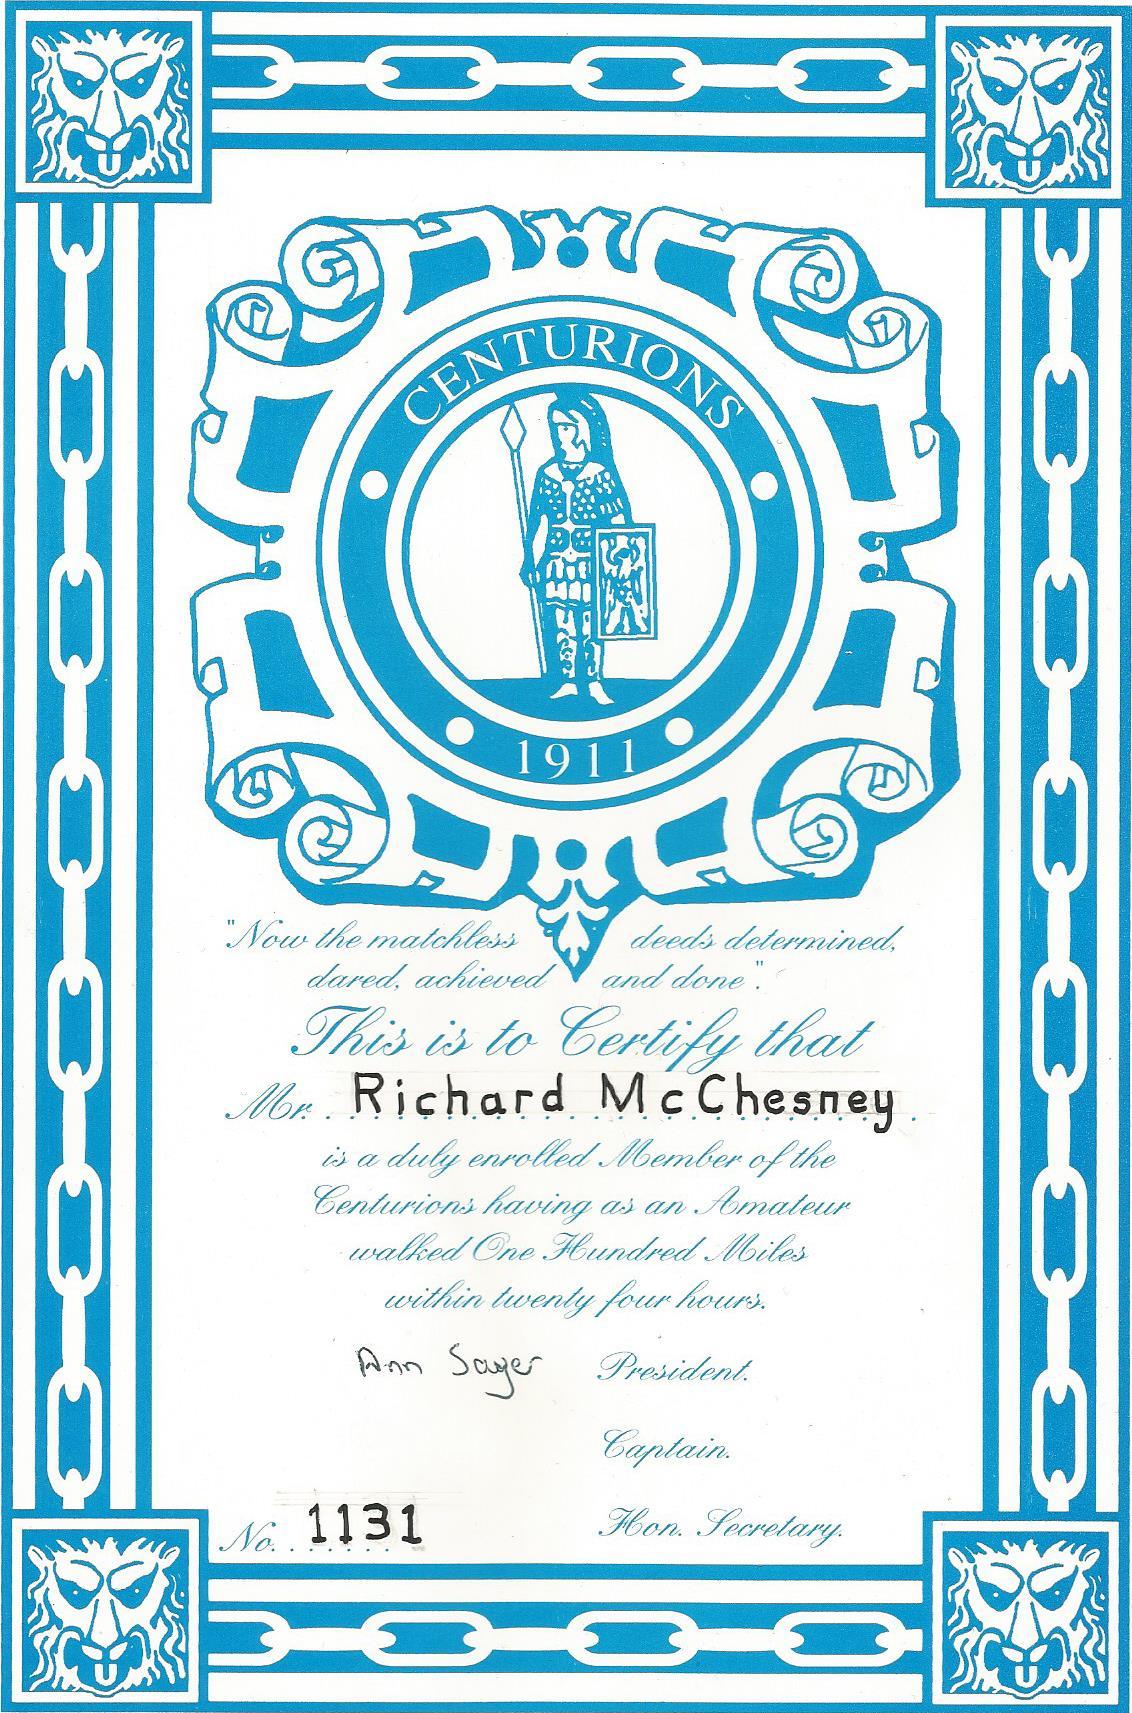 Centurions certificate0001